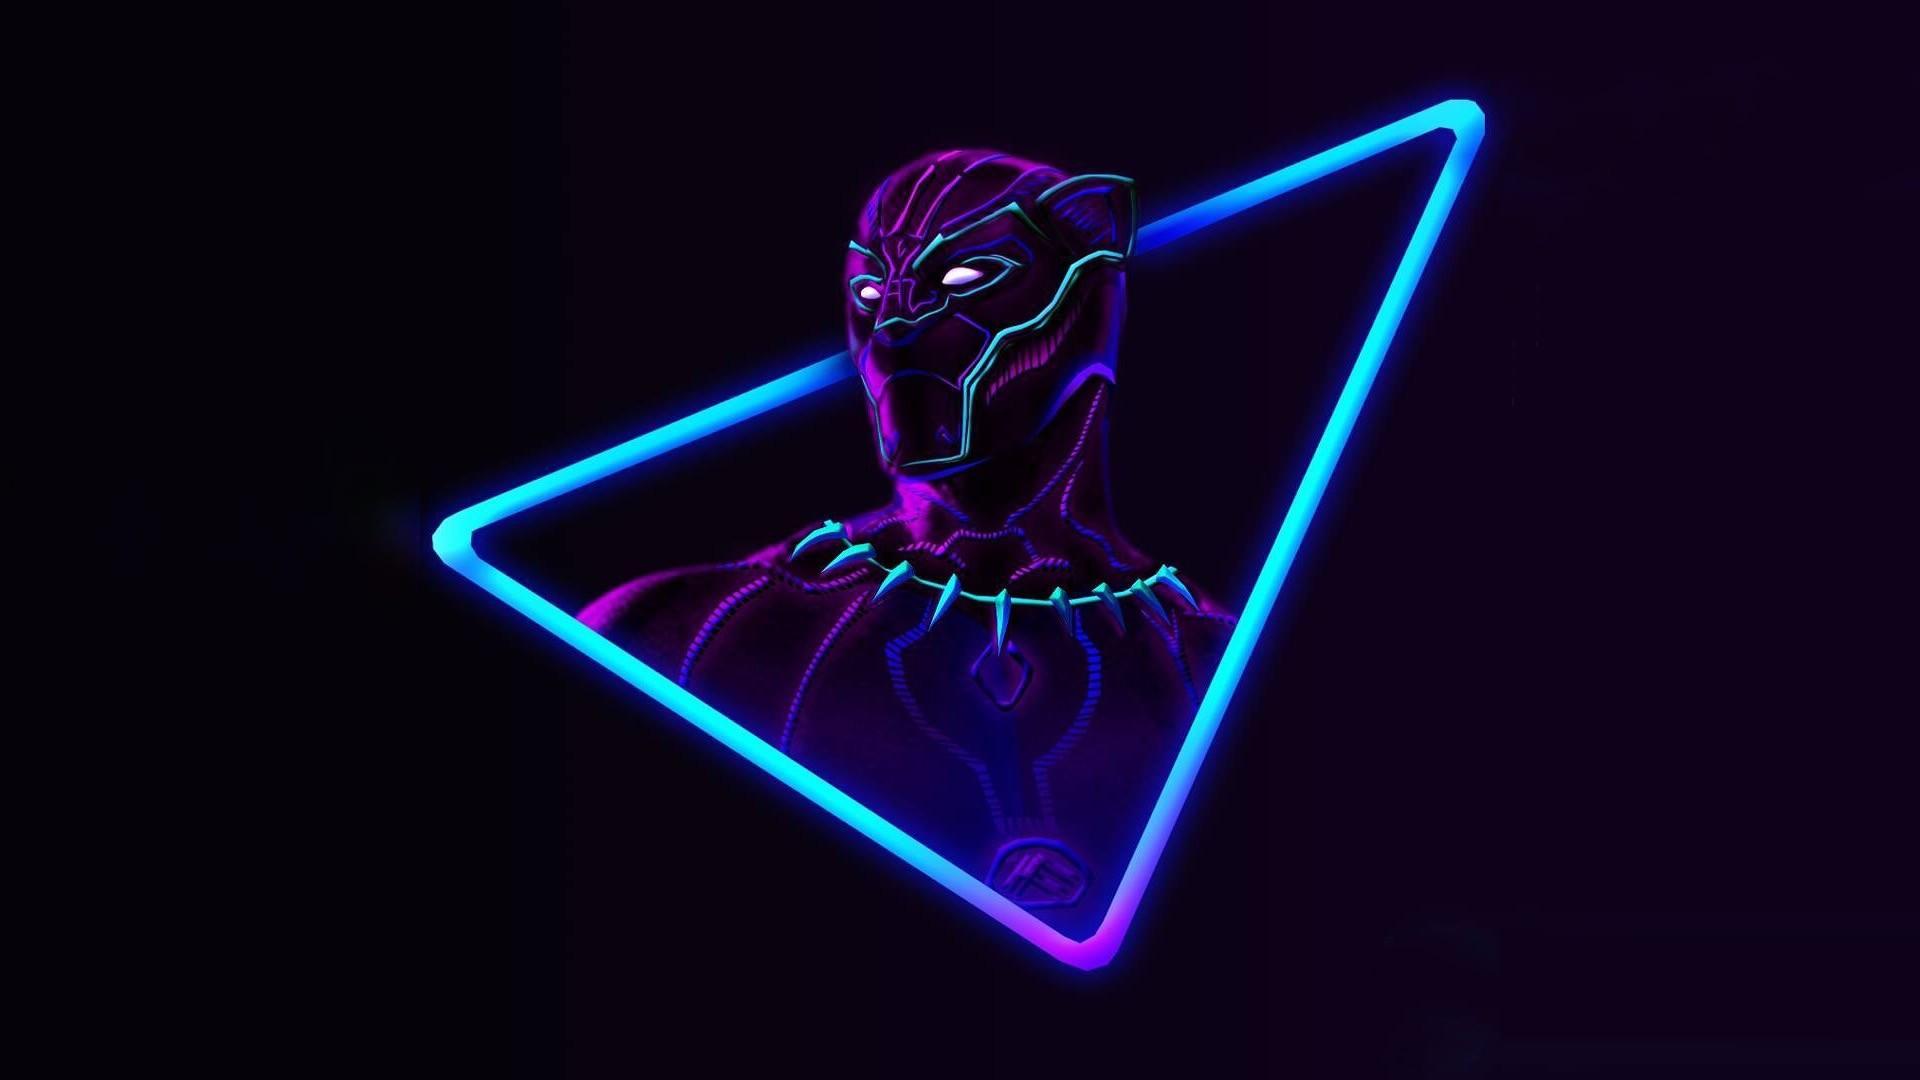 Res: 1920x1080, Neon Avengers  Desktop Wallpapers (based on artwork by  @aniketjatav on Instagram)